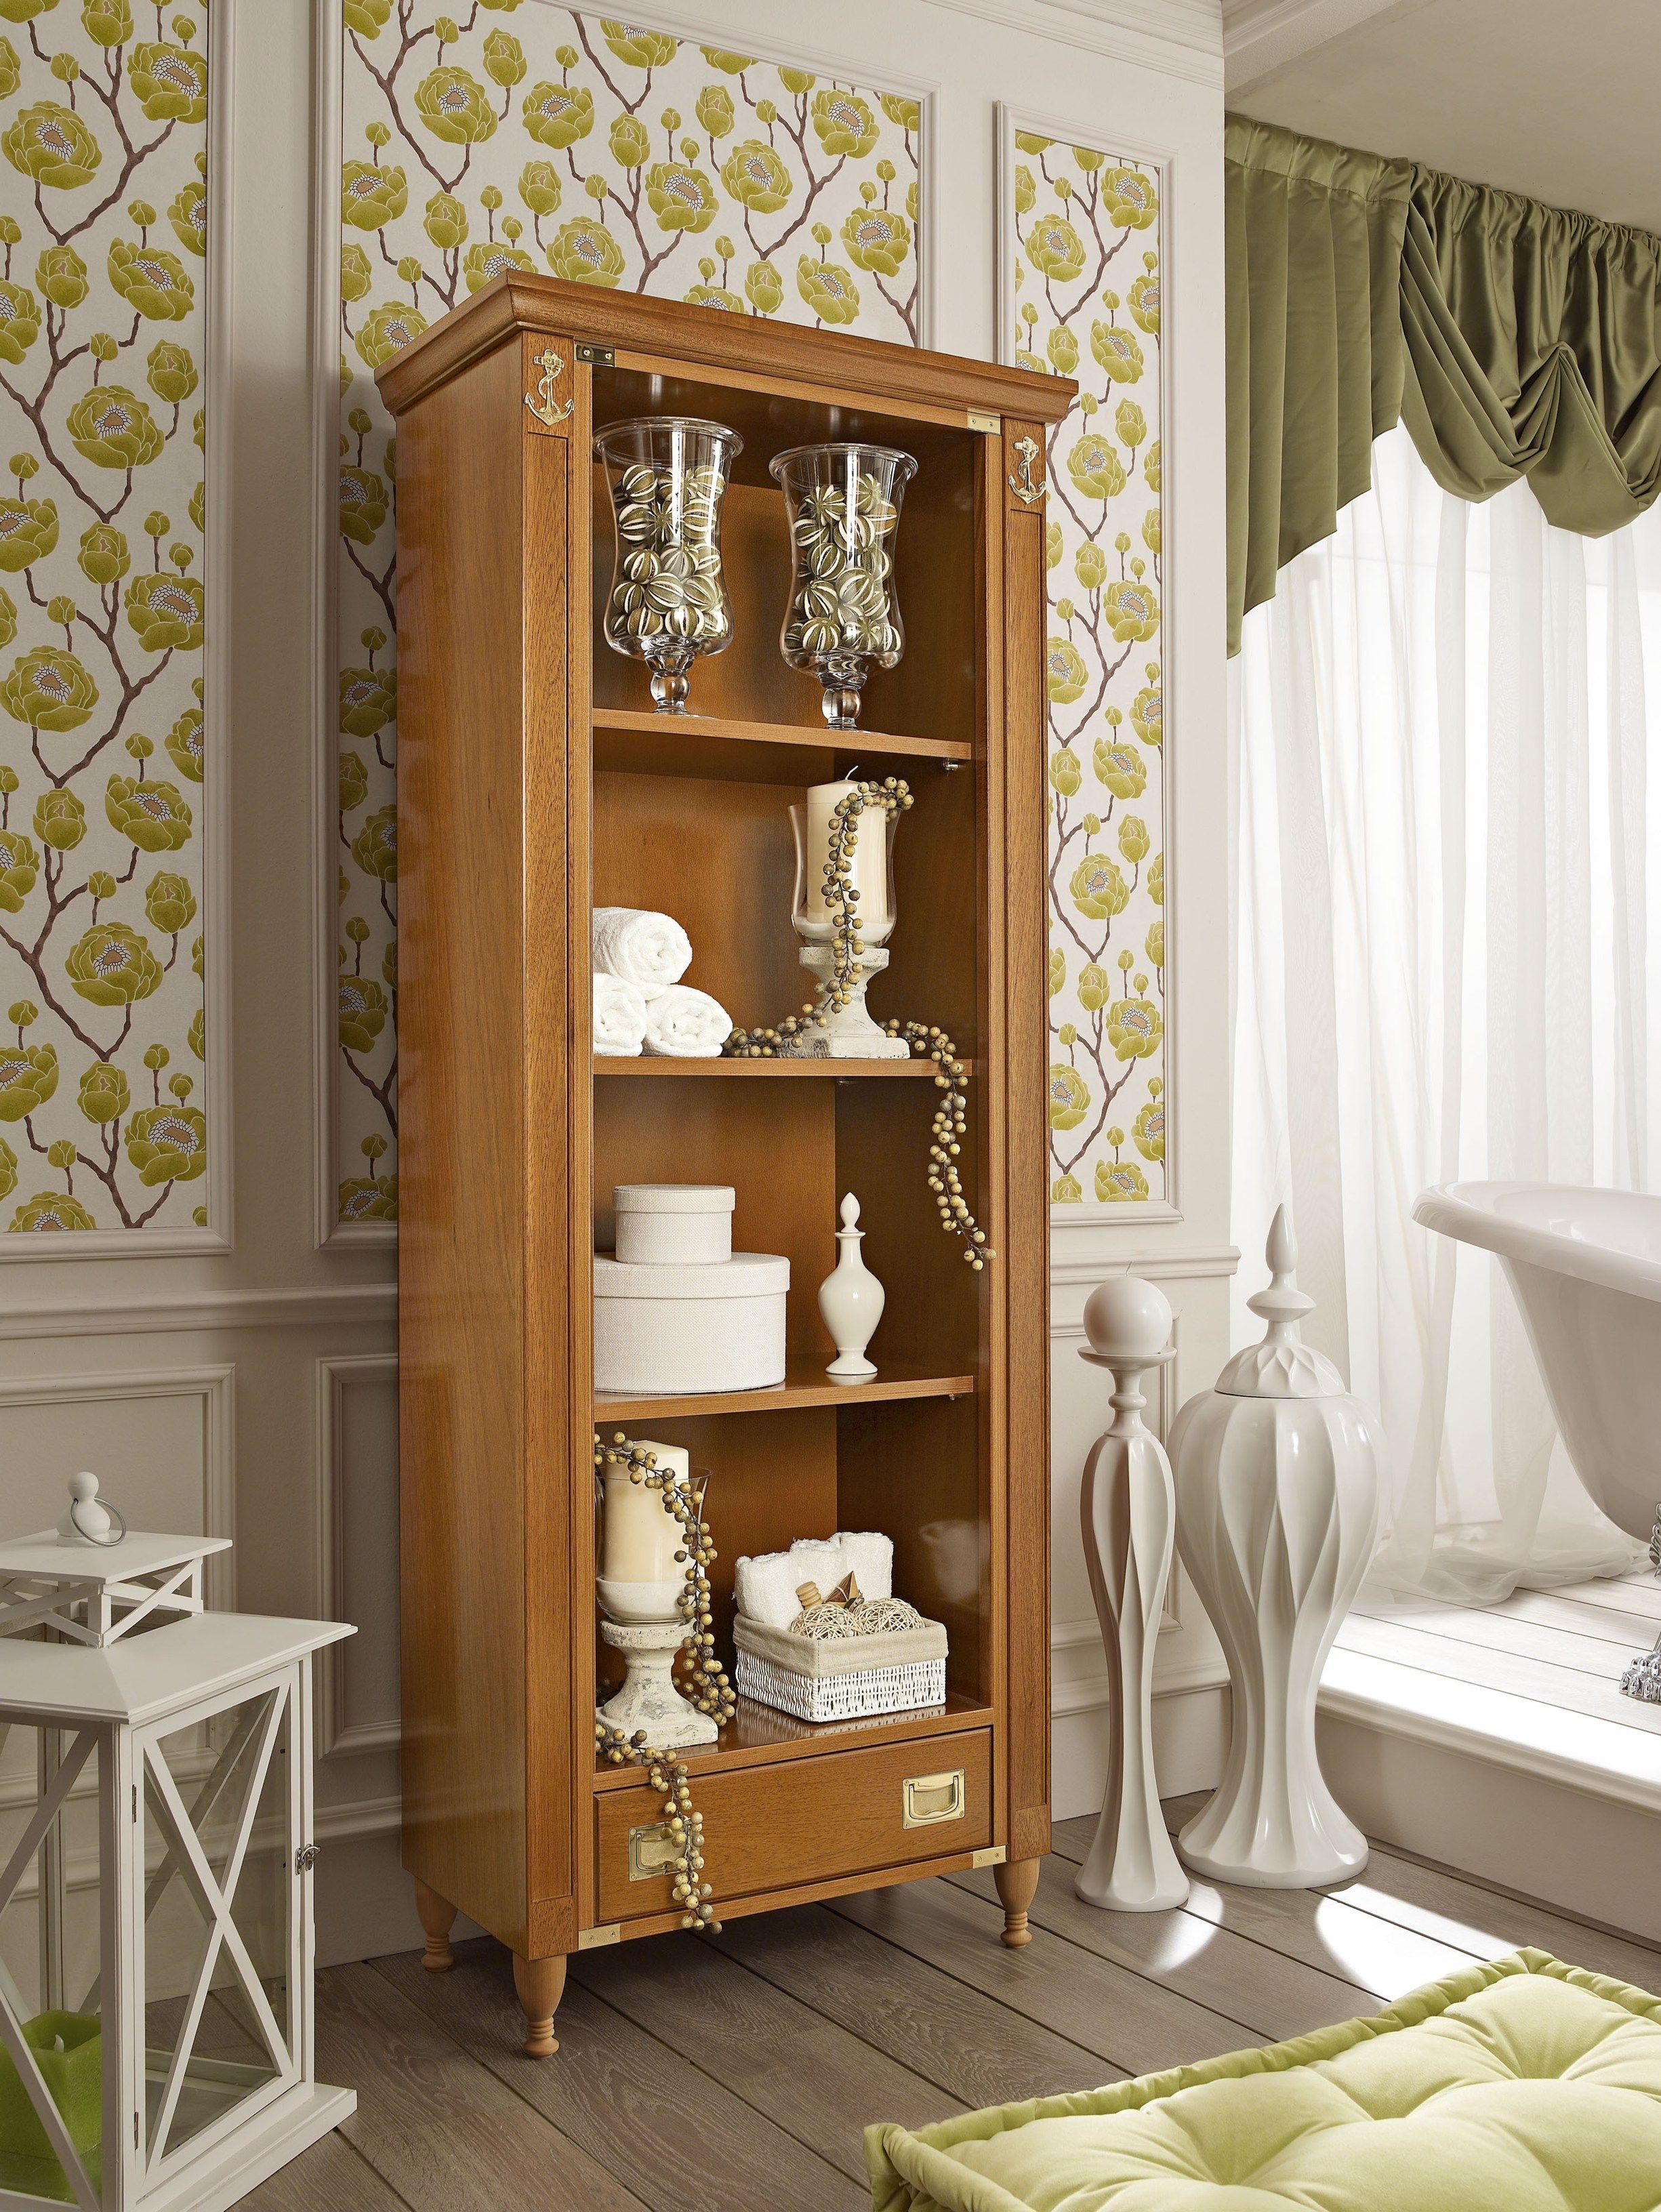 Mobile bagno a colonna a giorno alto in legno in stile for Mobile bagno legno